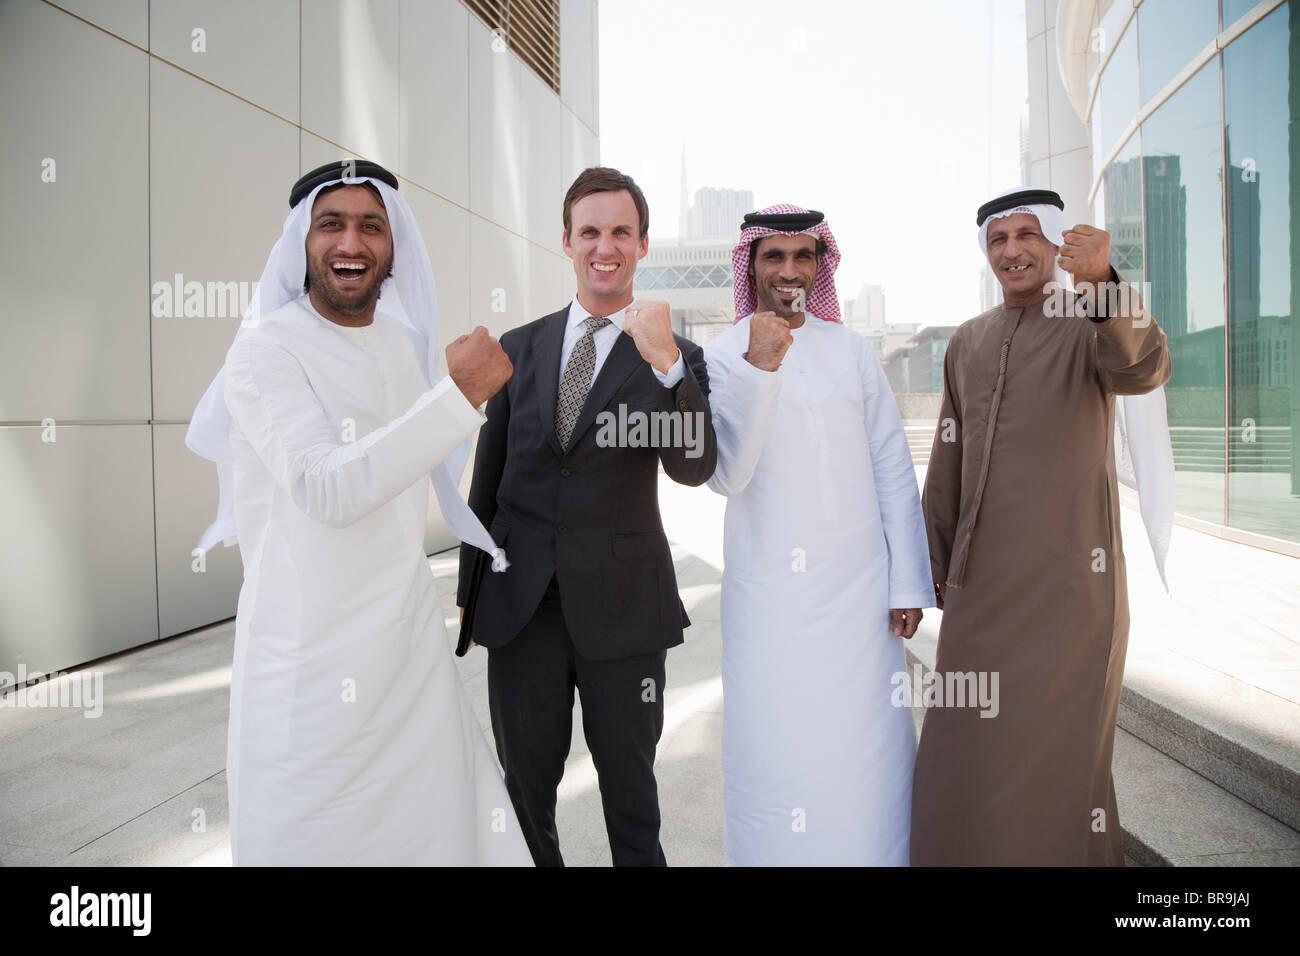 Nahen Osten und westlichen Geschäftsleuten jubeln Stockbild